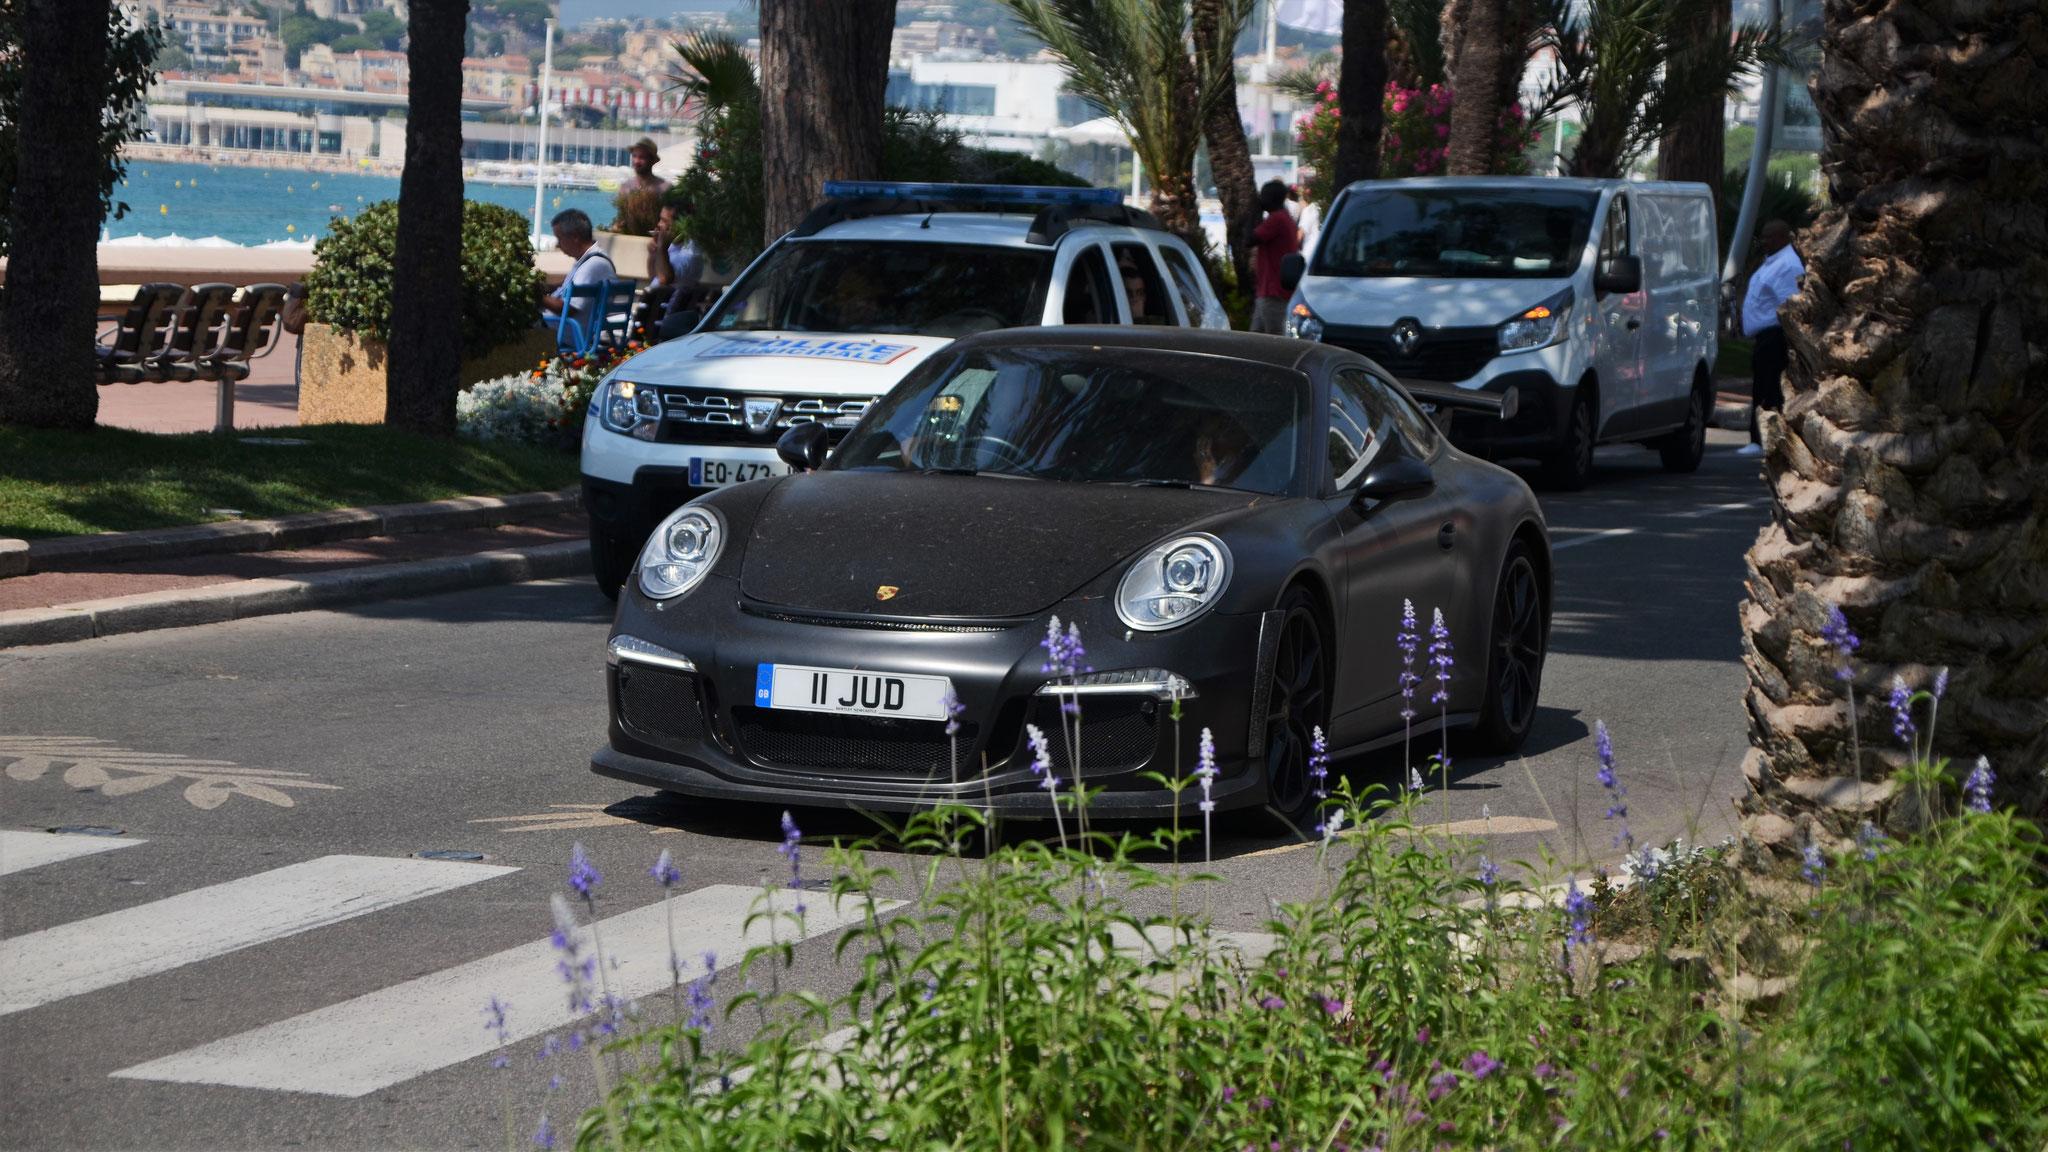 Porsche 991 GT3 - 11-JUD (GB)